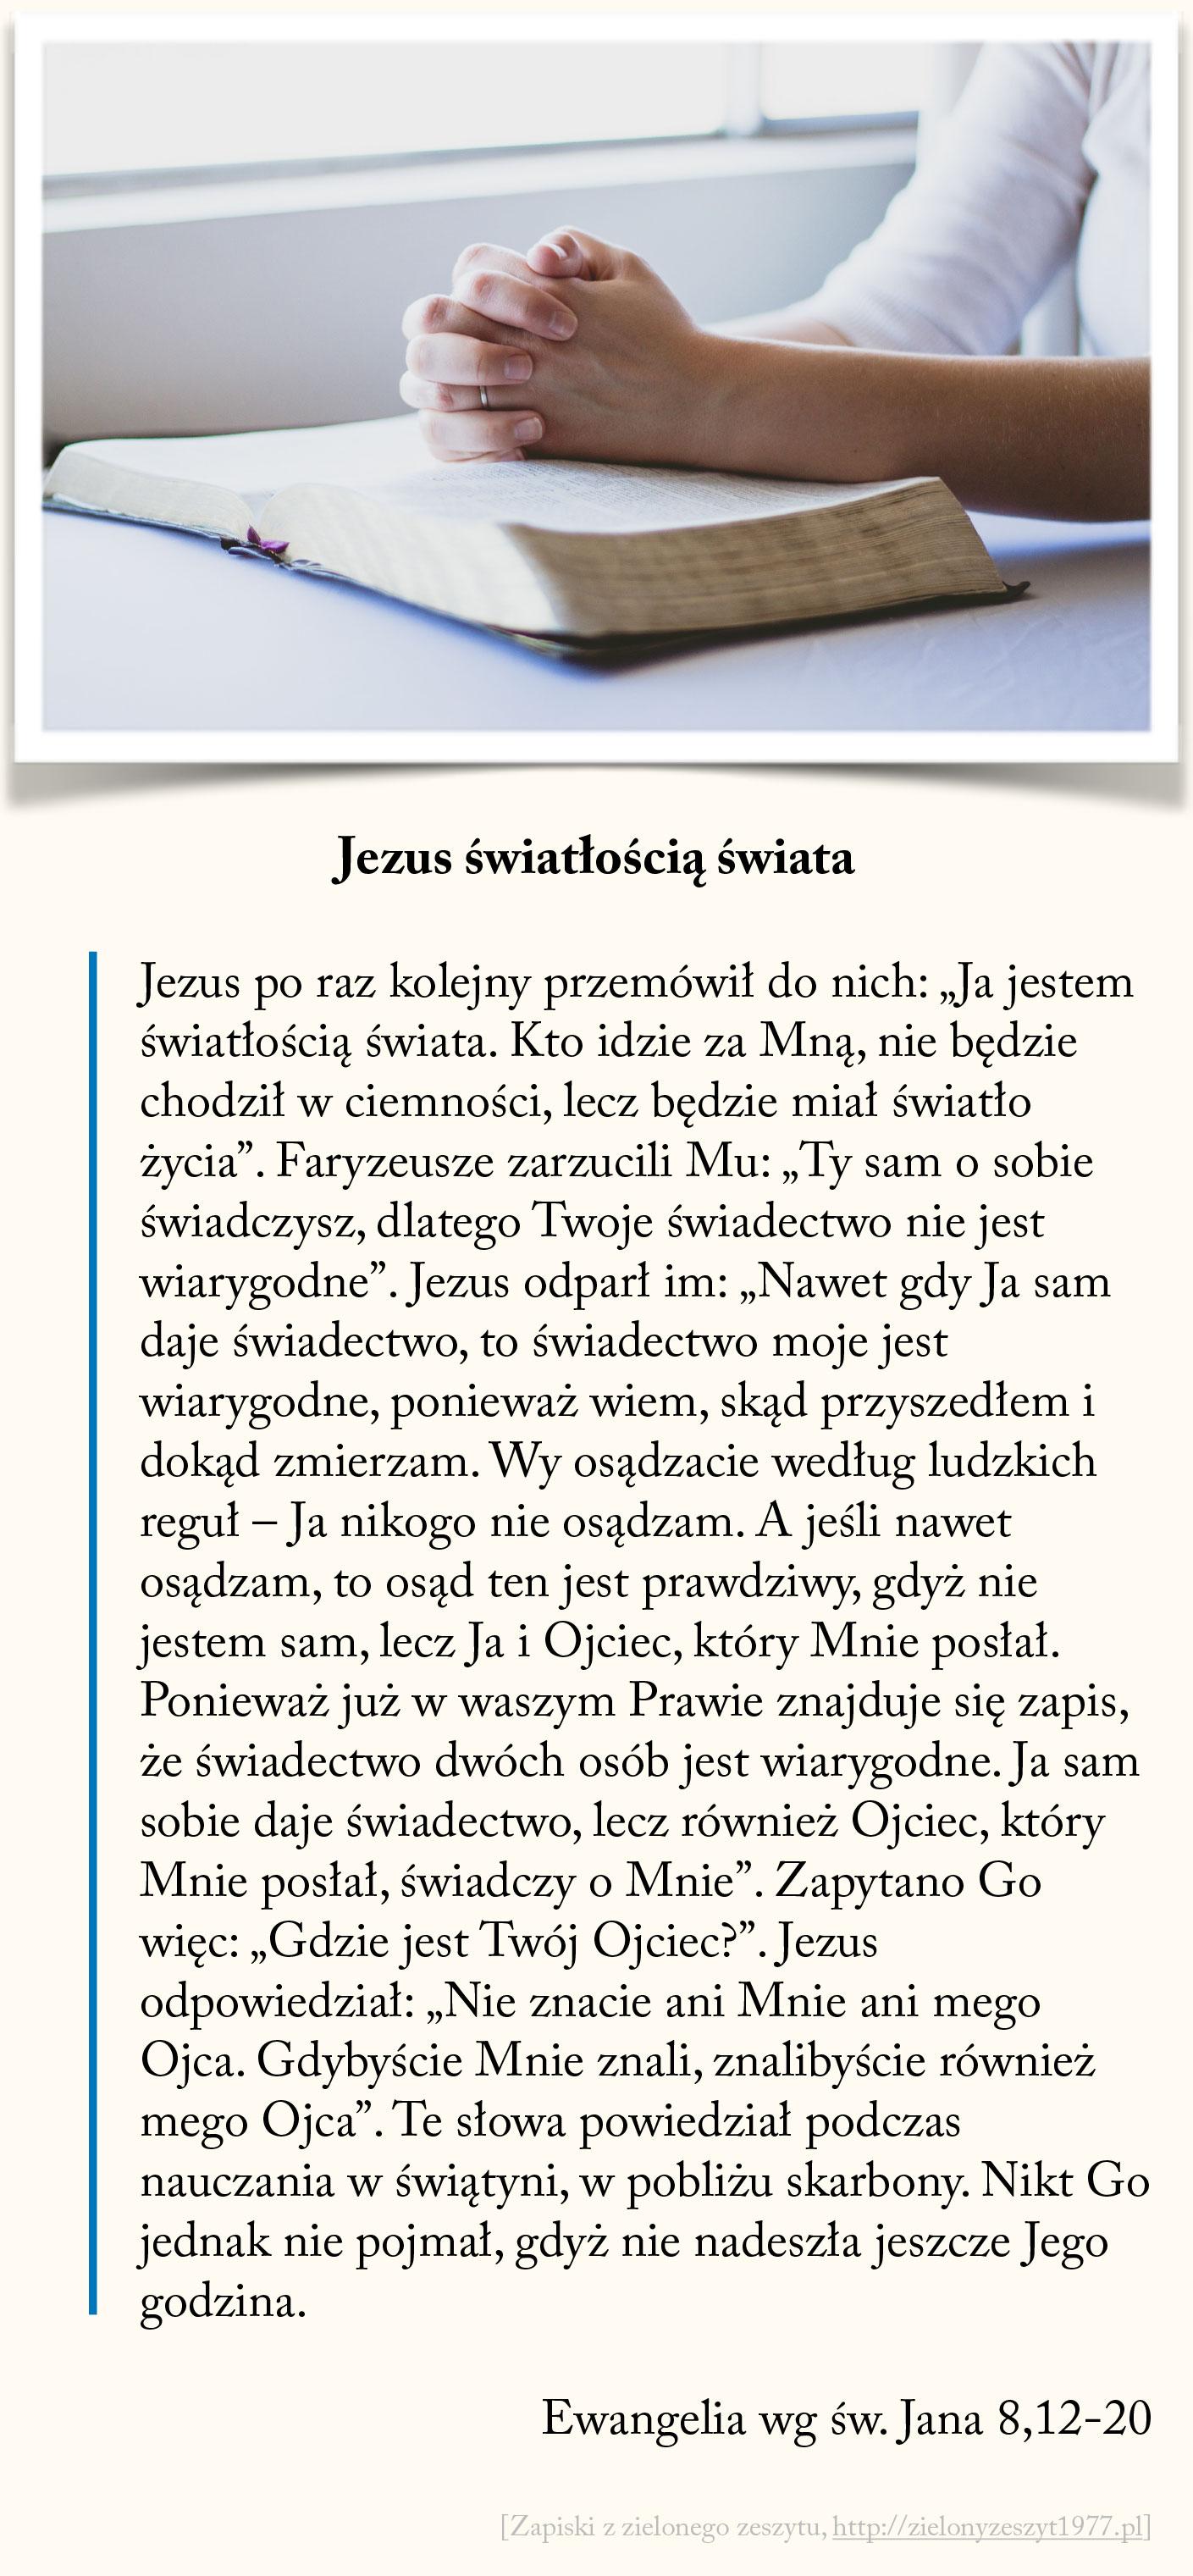 Jezus światłością świata, Ewangelia wg św. Jana